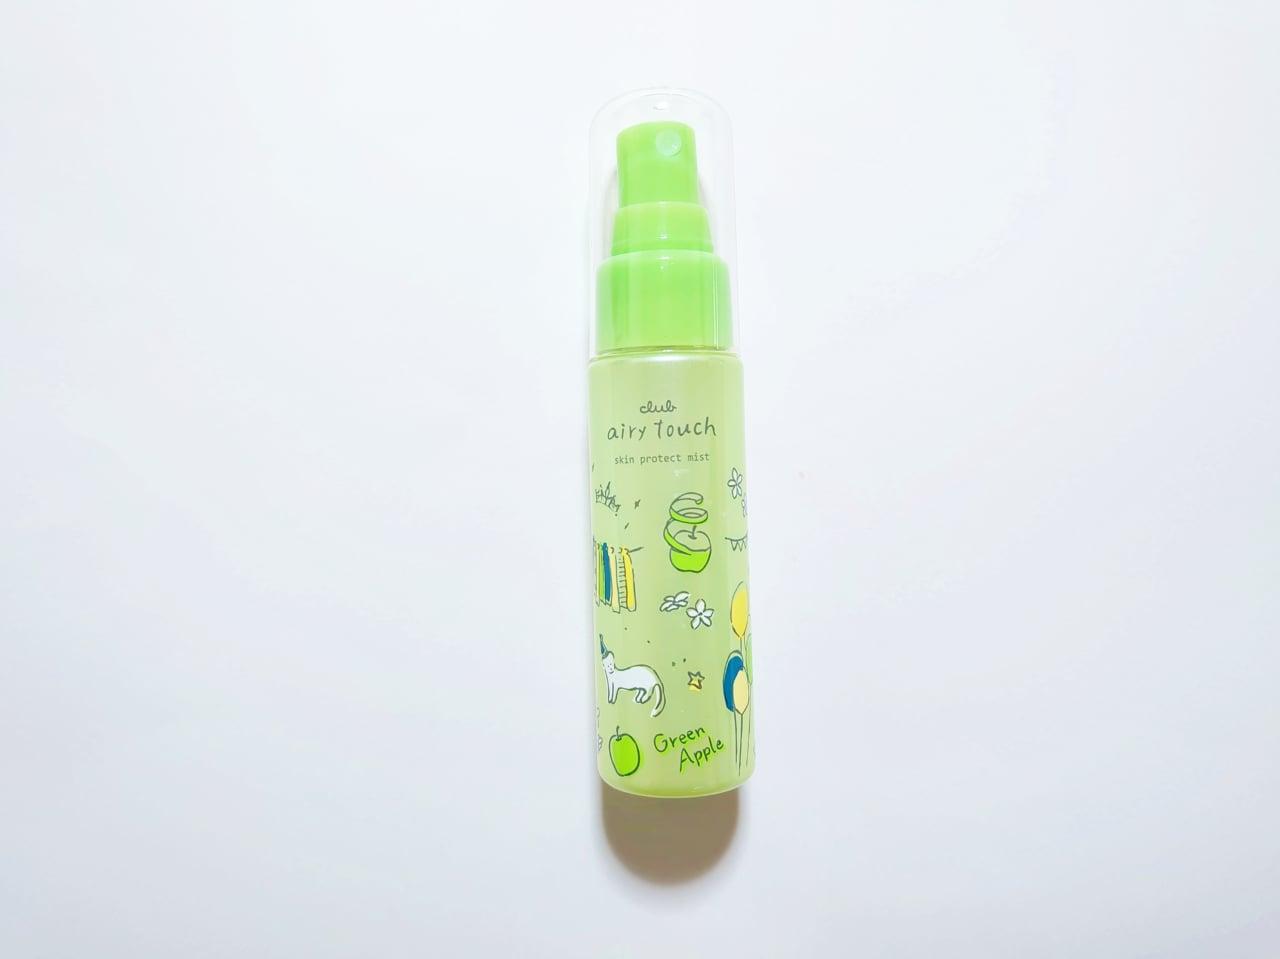 クラブ エアリータッチ スキンプロテクト グリーンアップルの香り